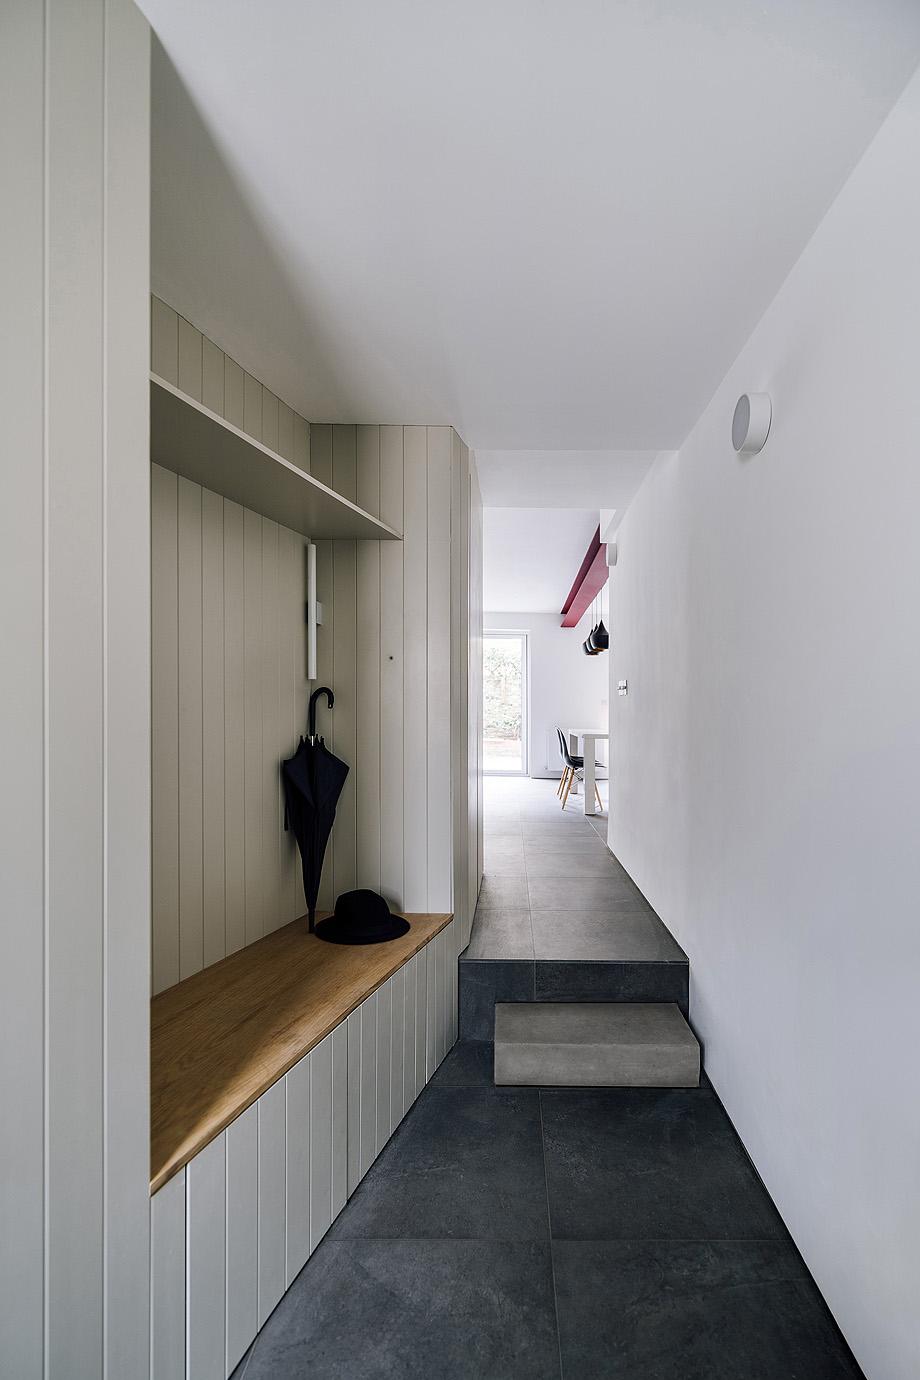 vivienda en candem de df_dc - foto gautier houba (2)